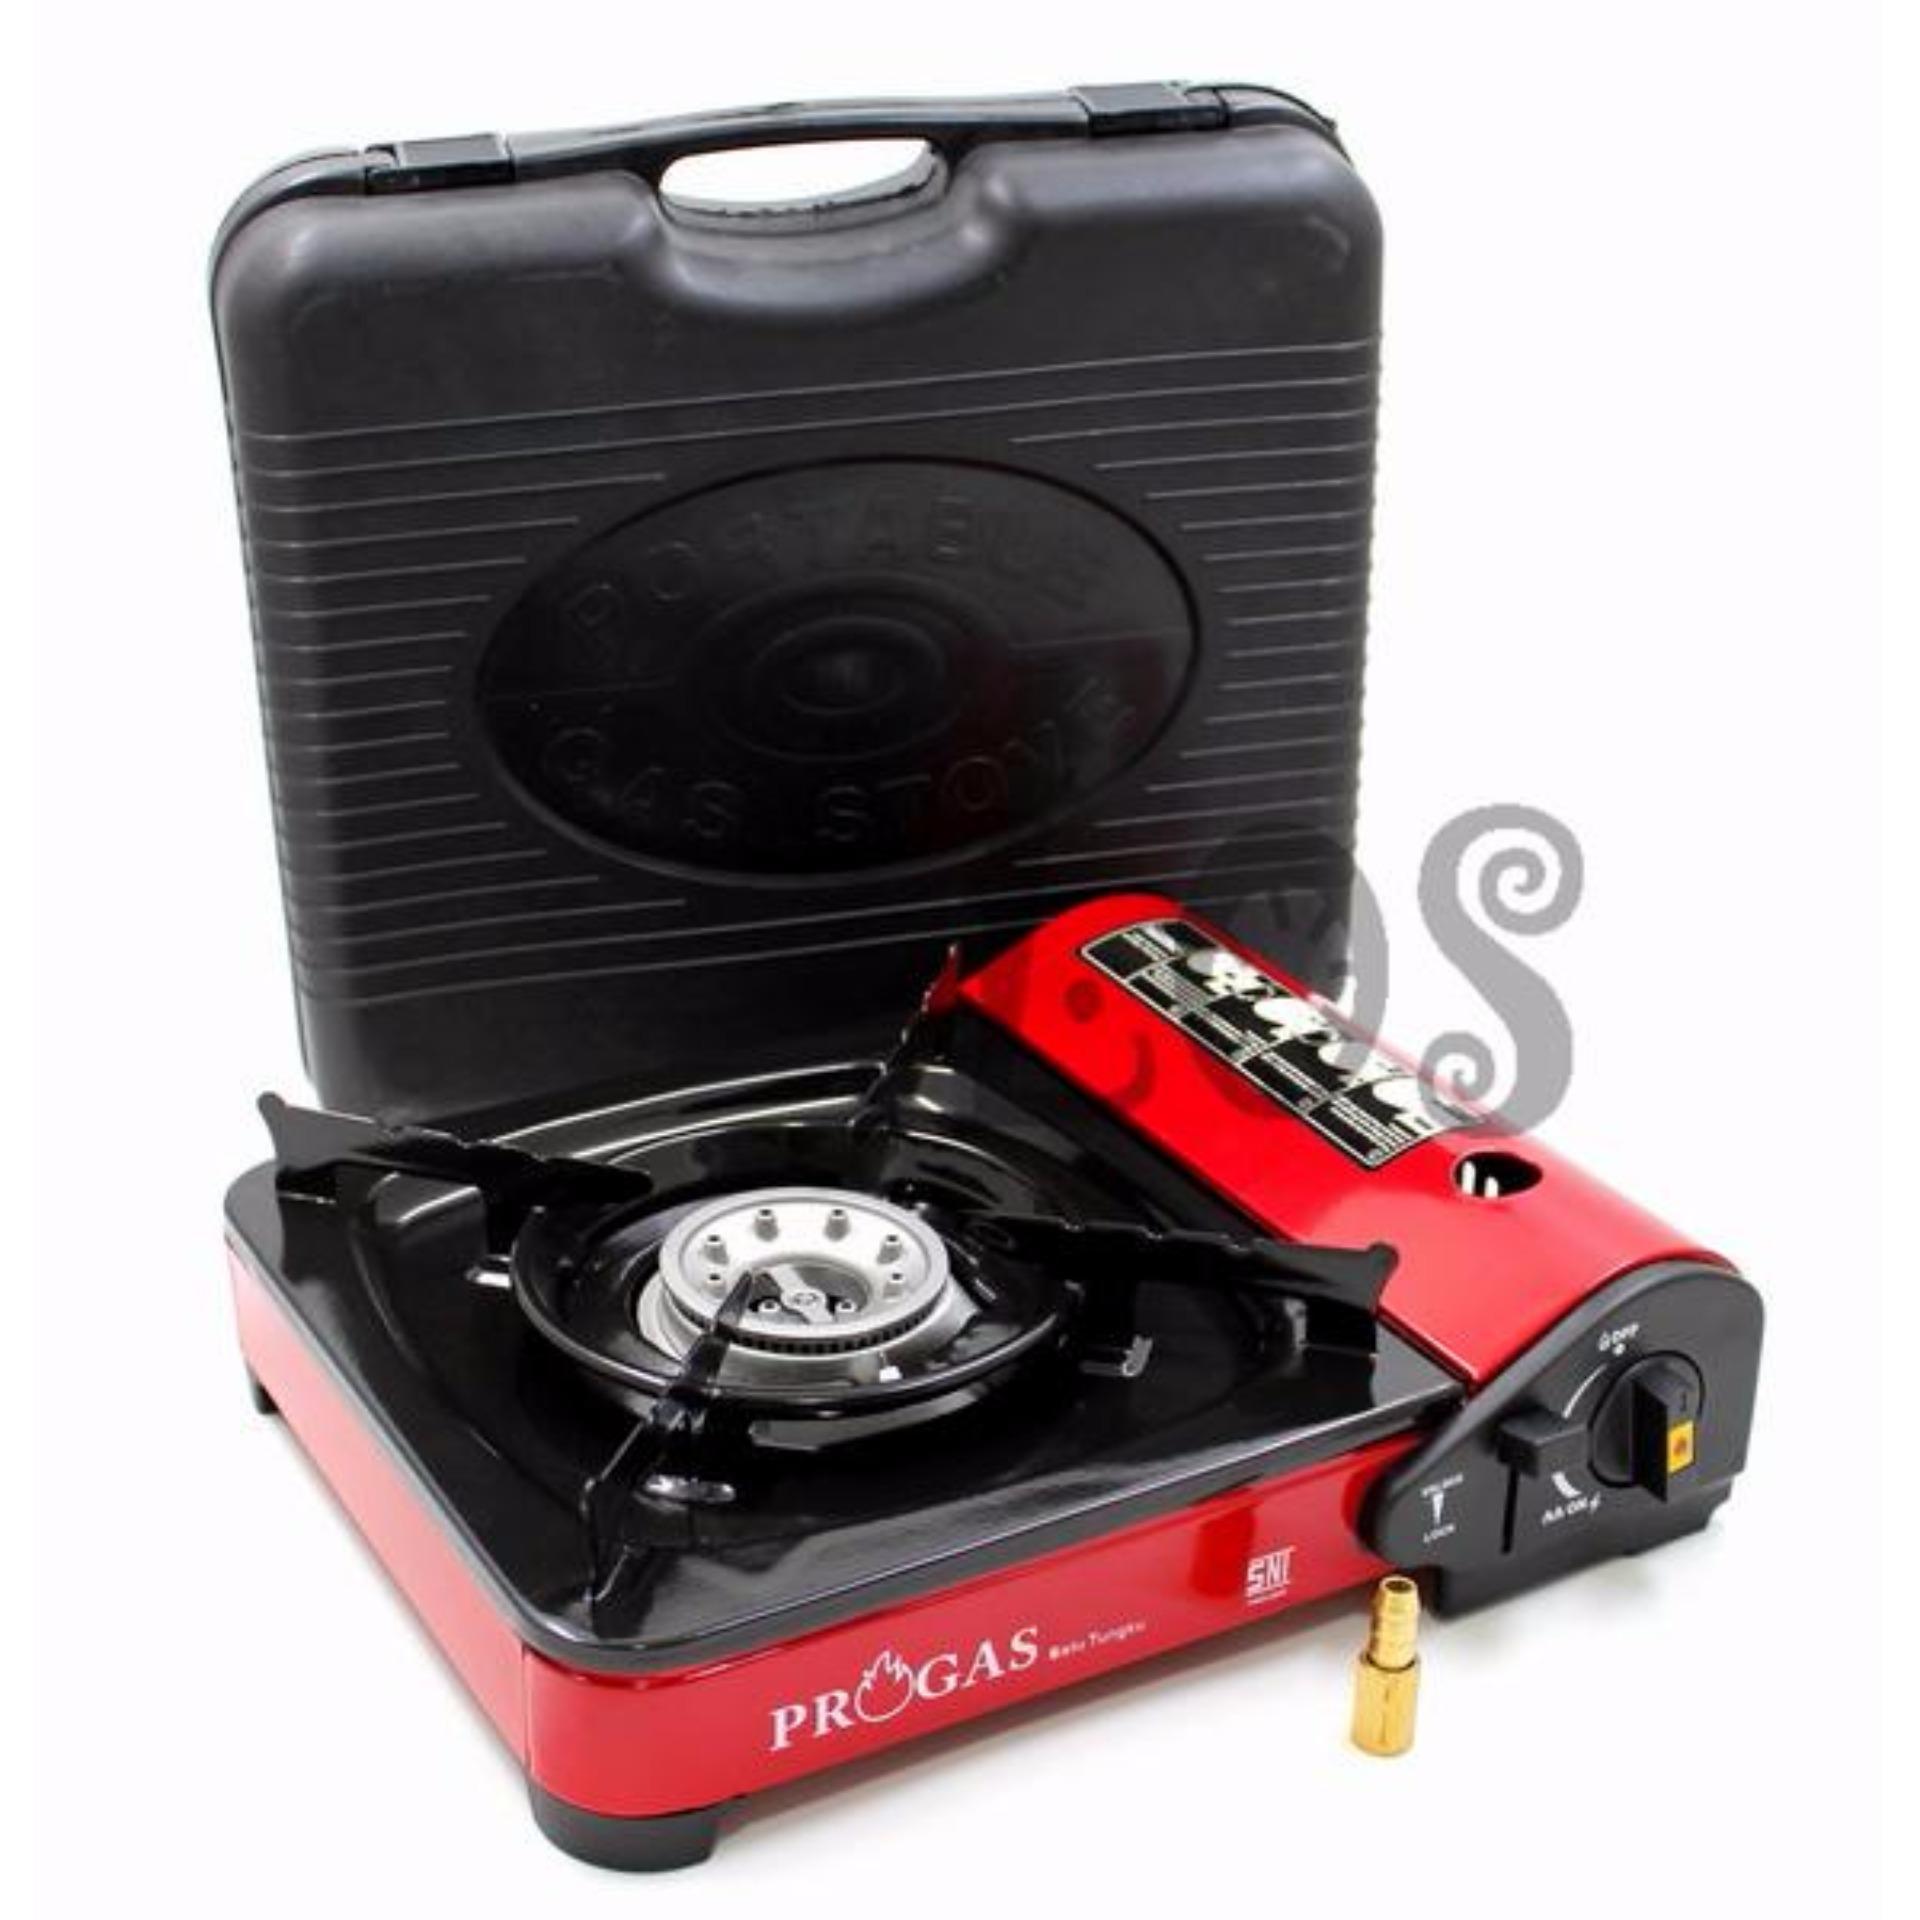 Kompor Portable Mini Progas 2in1 .